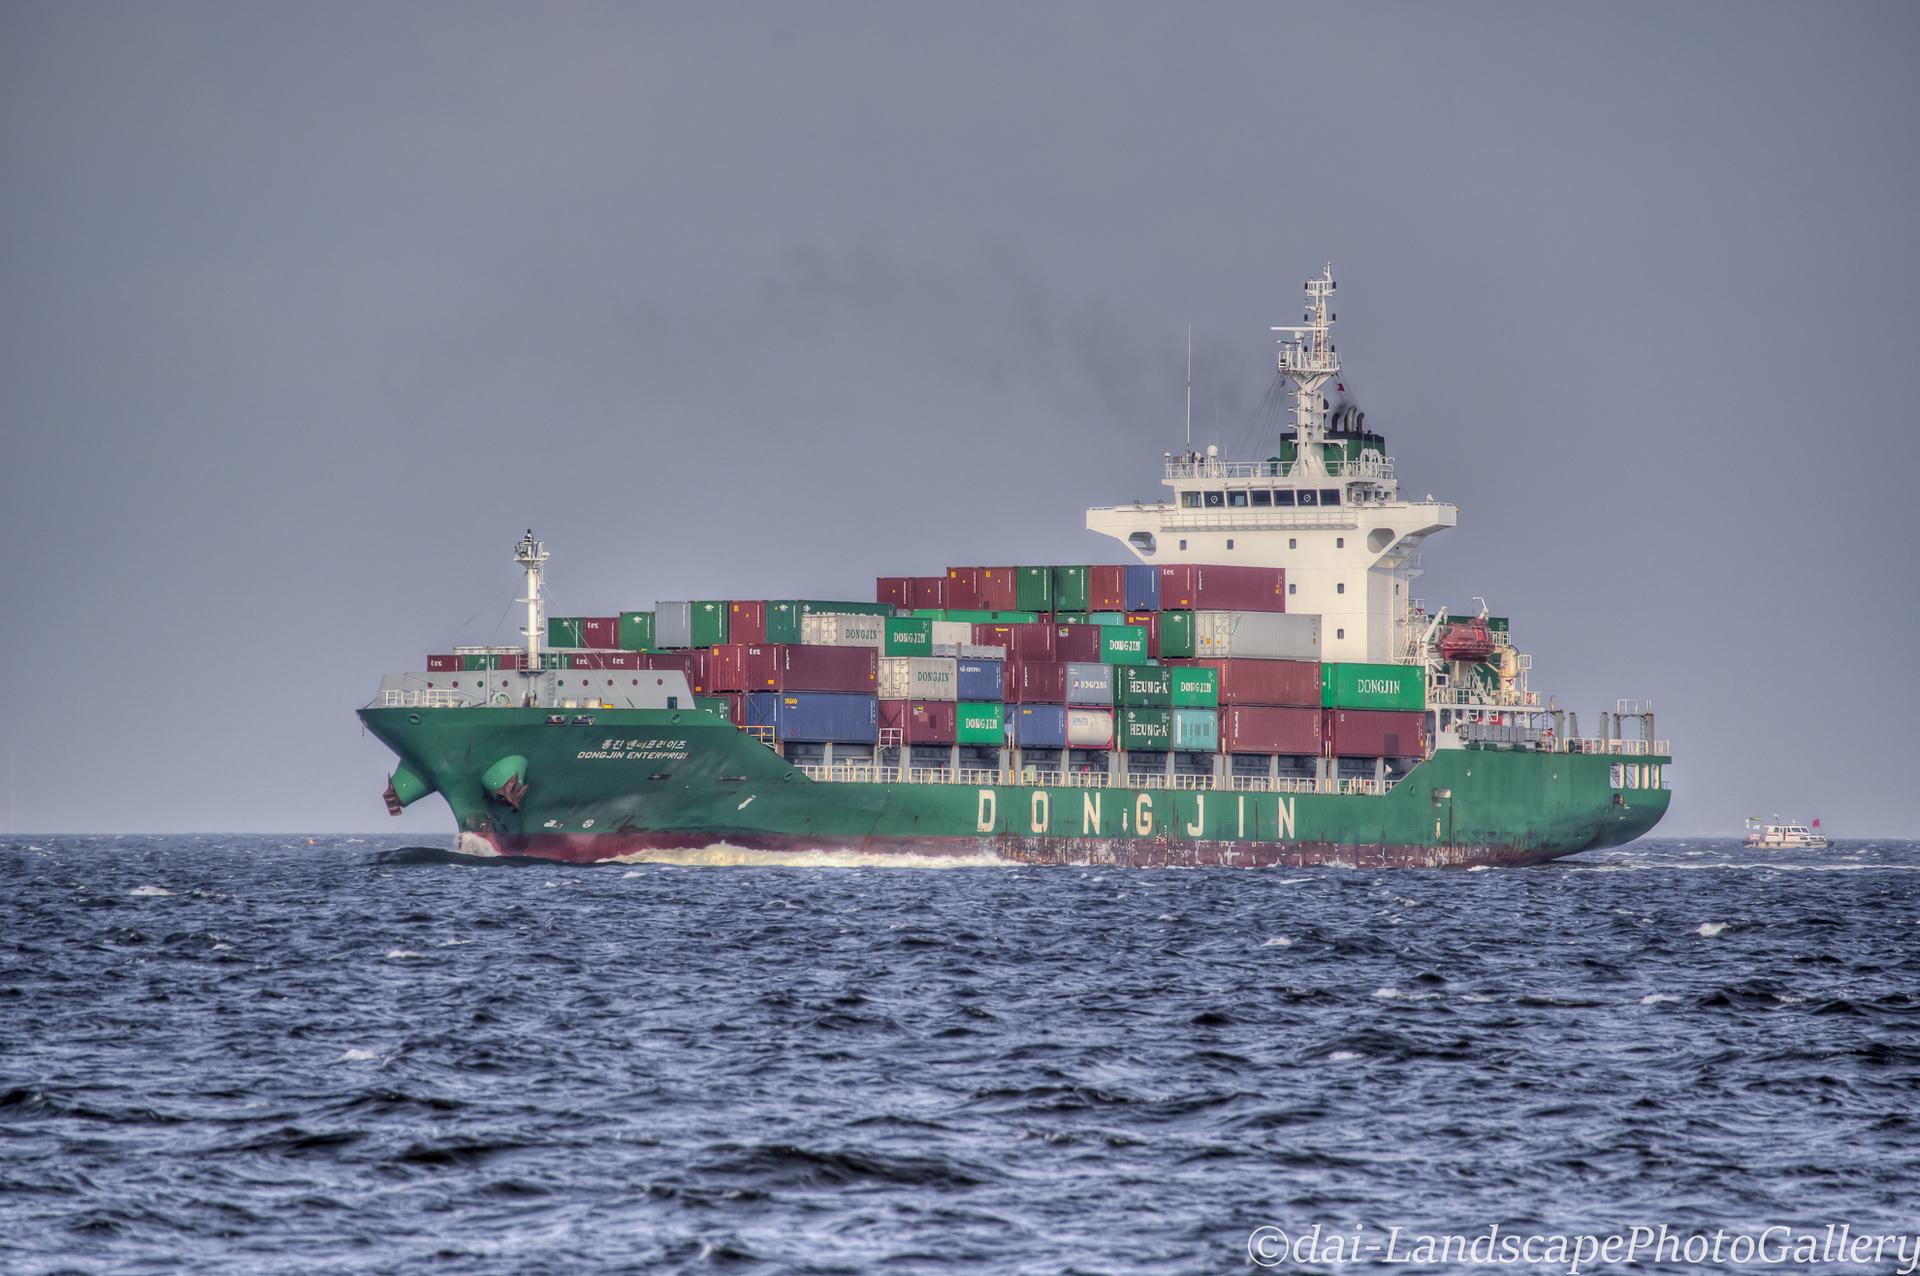 東京港を行き交うコンテナ船【HDRi】(DONGJIN ENTERPRISE)